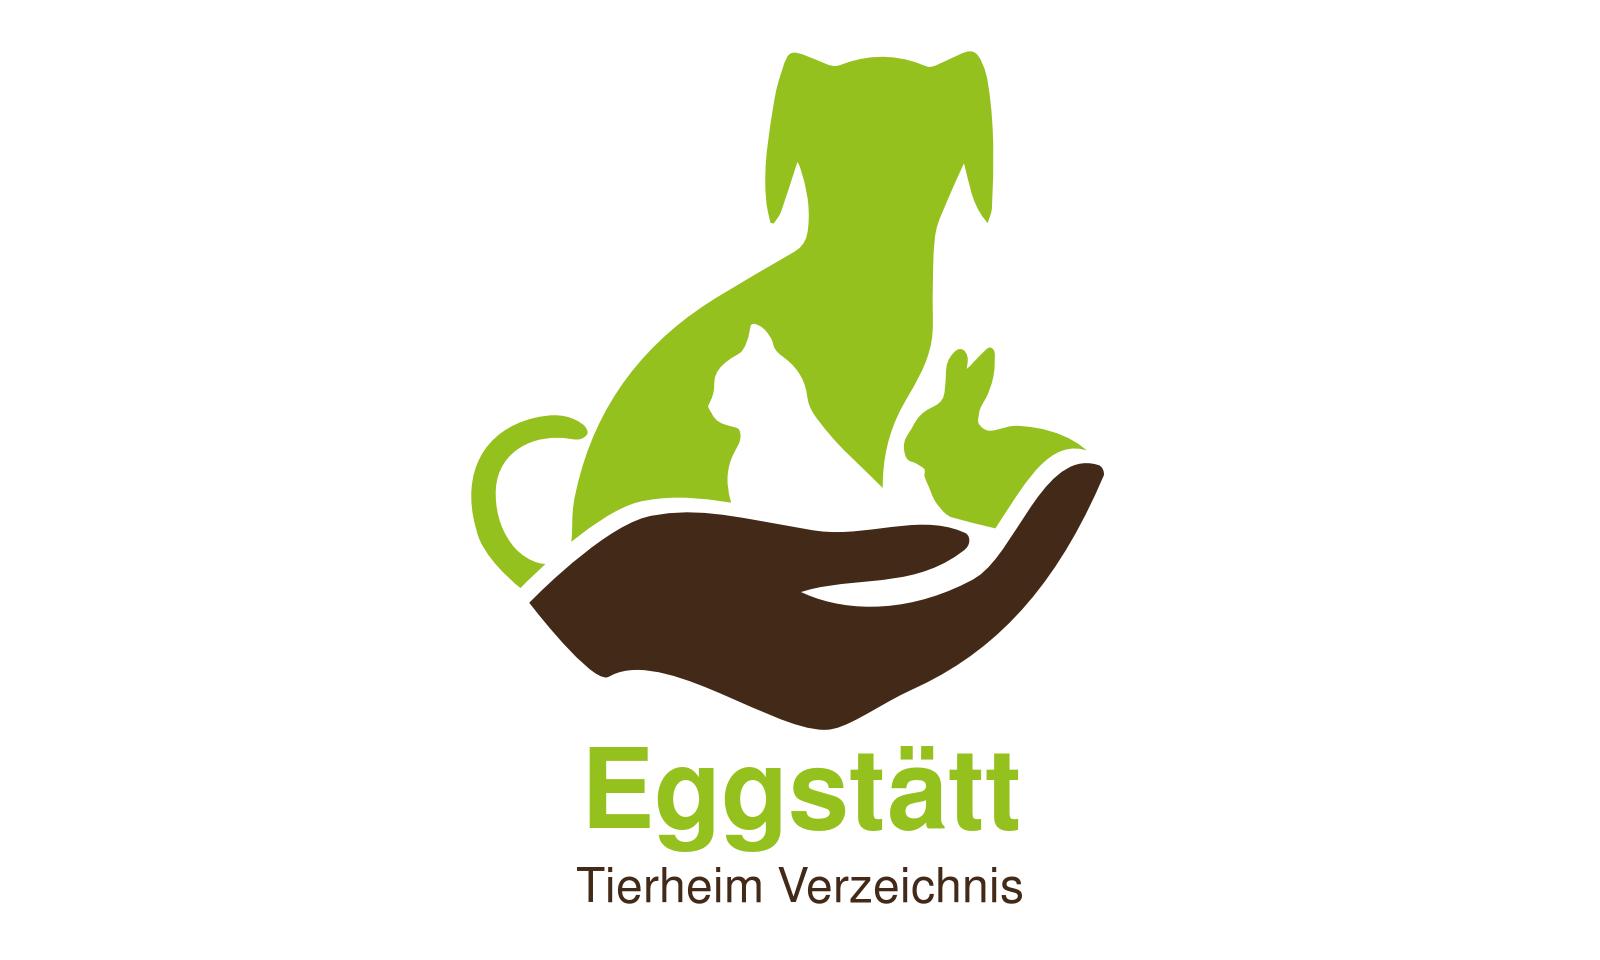 Tierheim Eggstätt